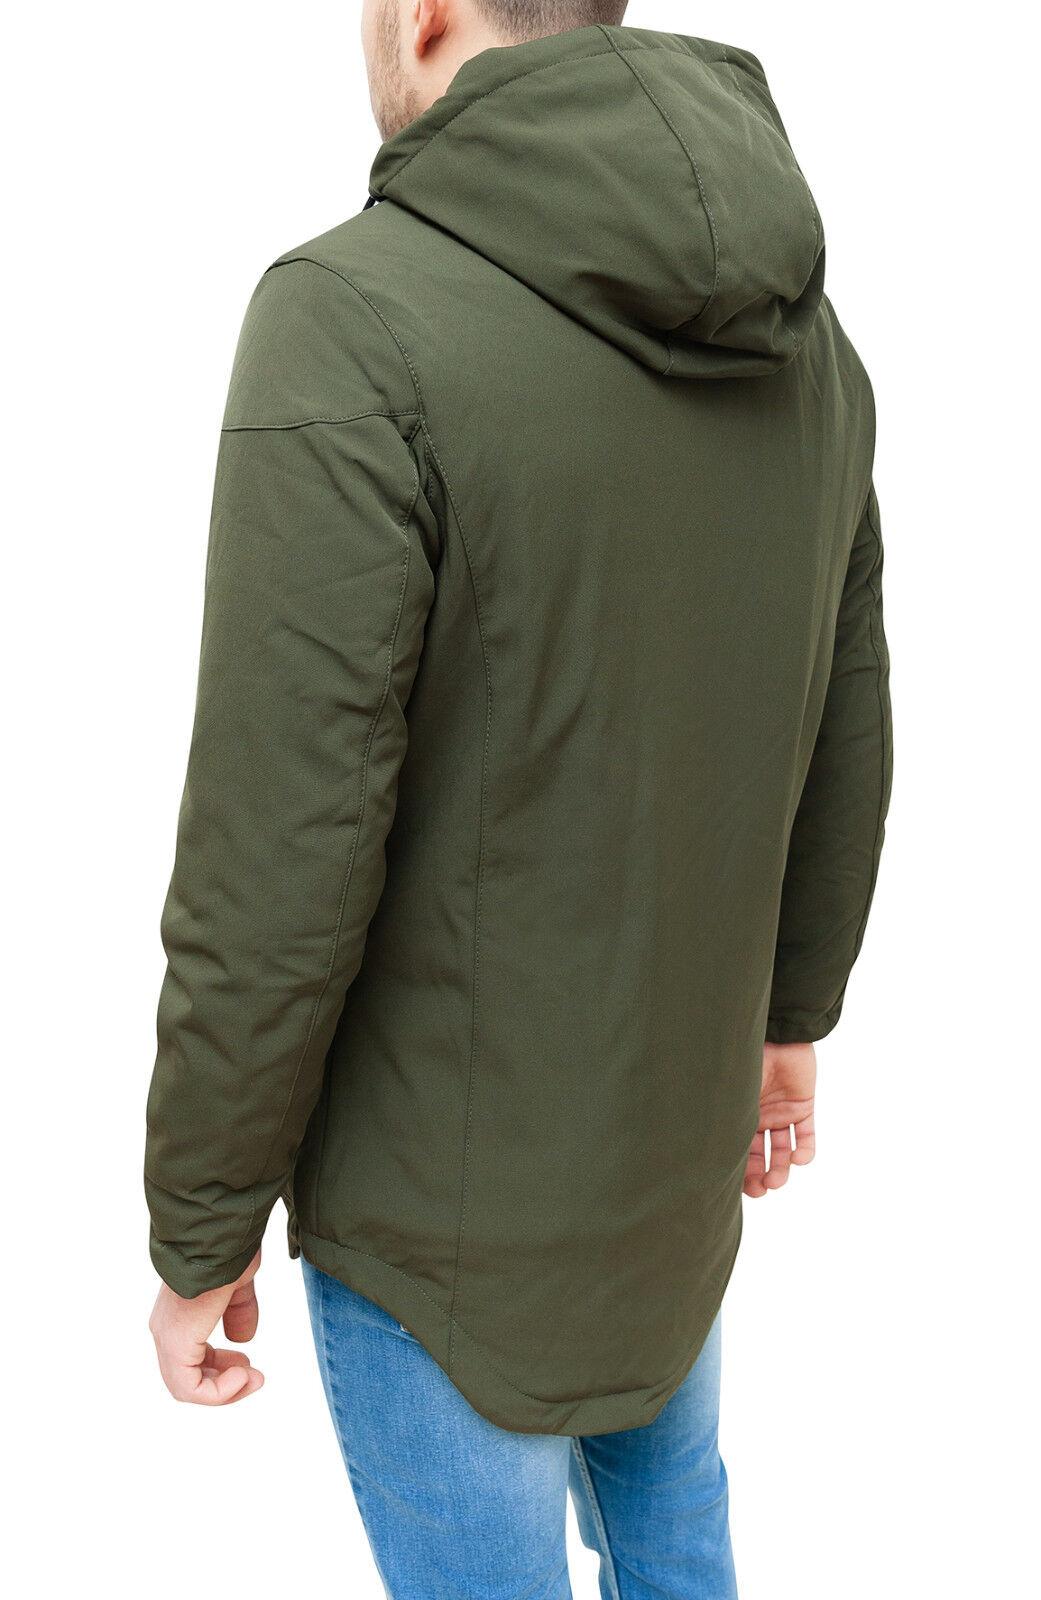 Giubbotto piumino uomo invernale cappuccio verde casual sportivo Parka con cappuccio invernale a0ebf9